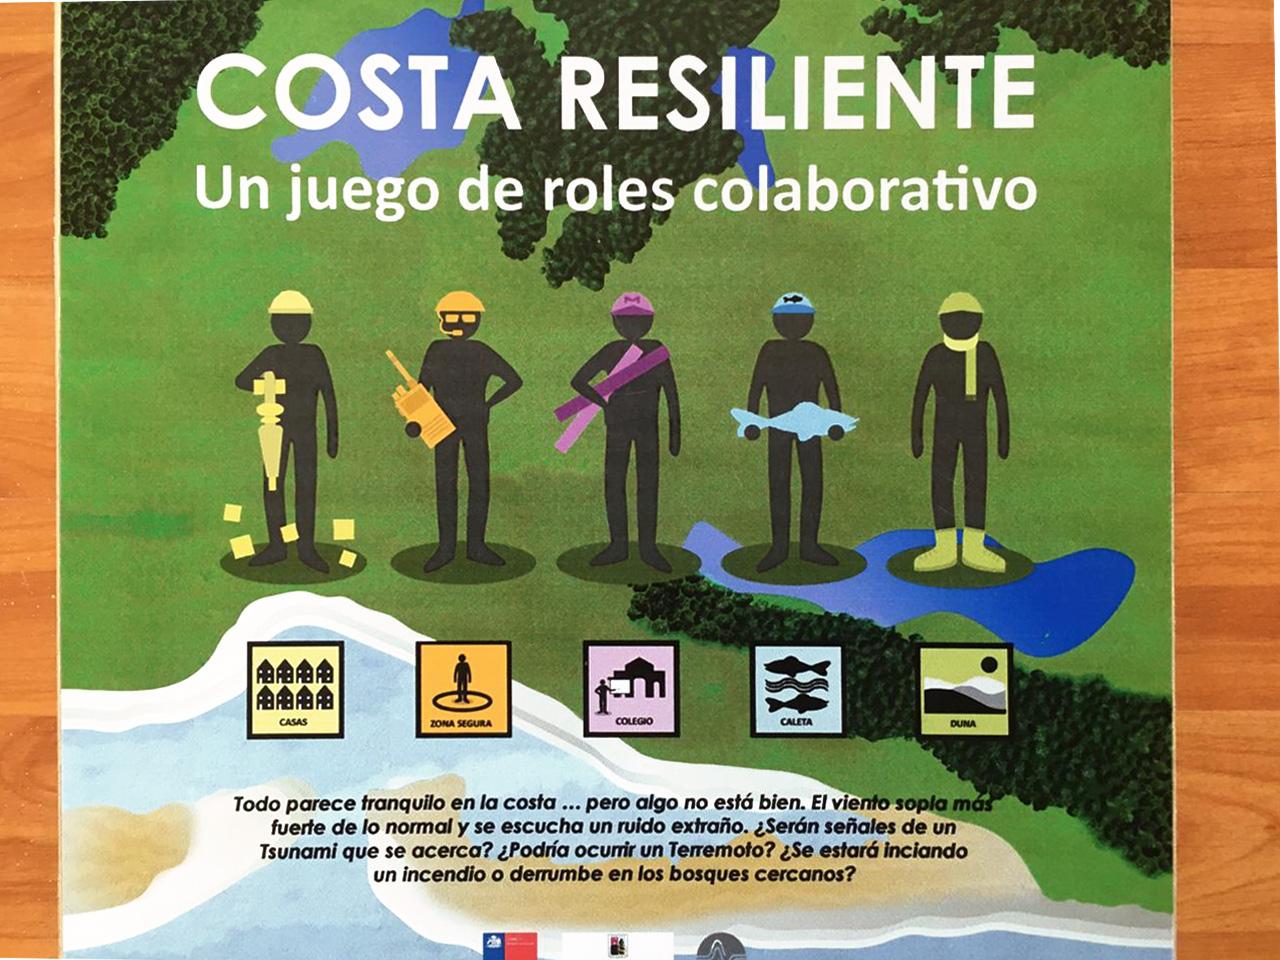 Investigadores de la U. Austral obtienen Fondef para impulsar proyecto que promueve las habilidades en resiliencia comunitaria